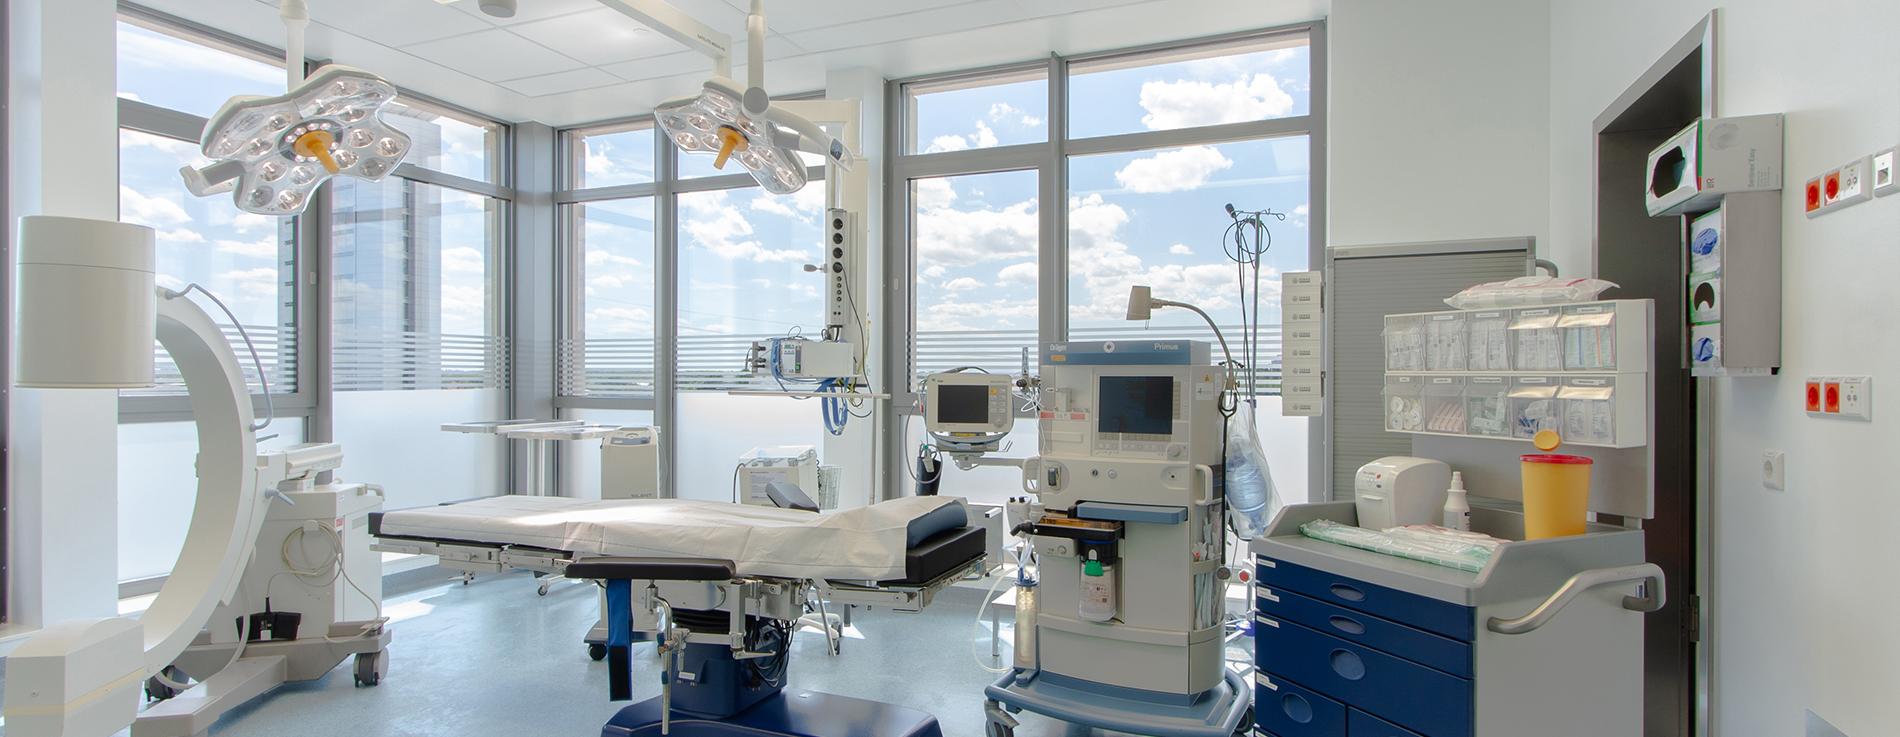 OrthoKlinik Operationsraum